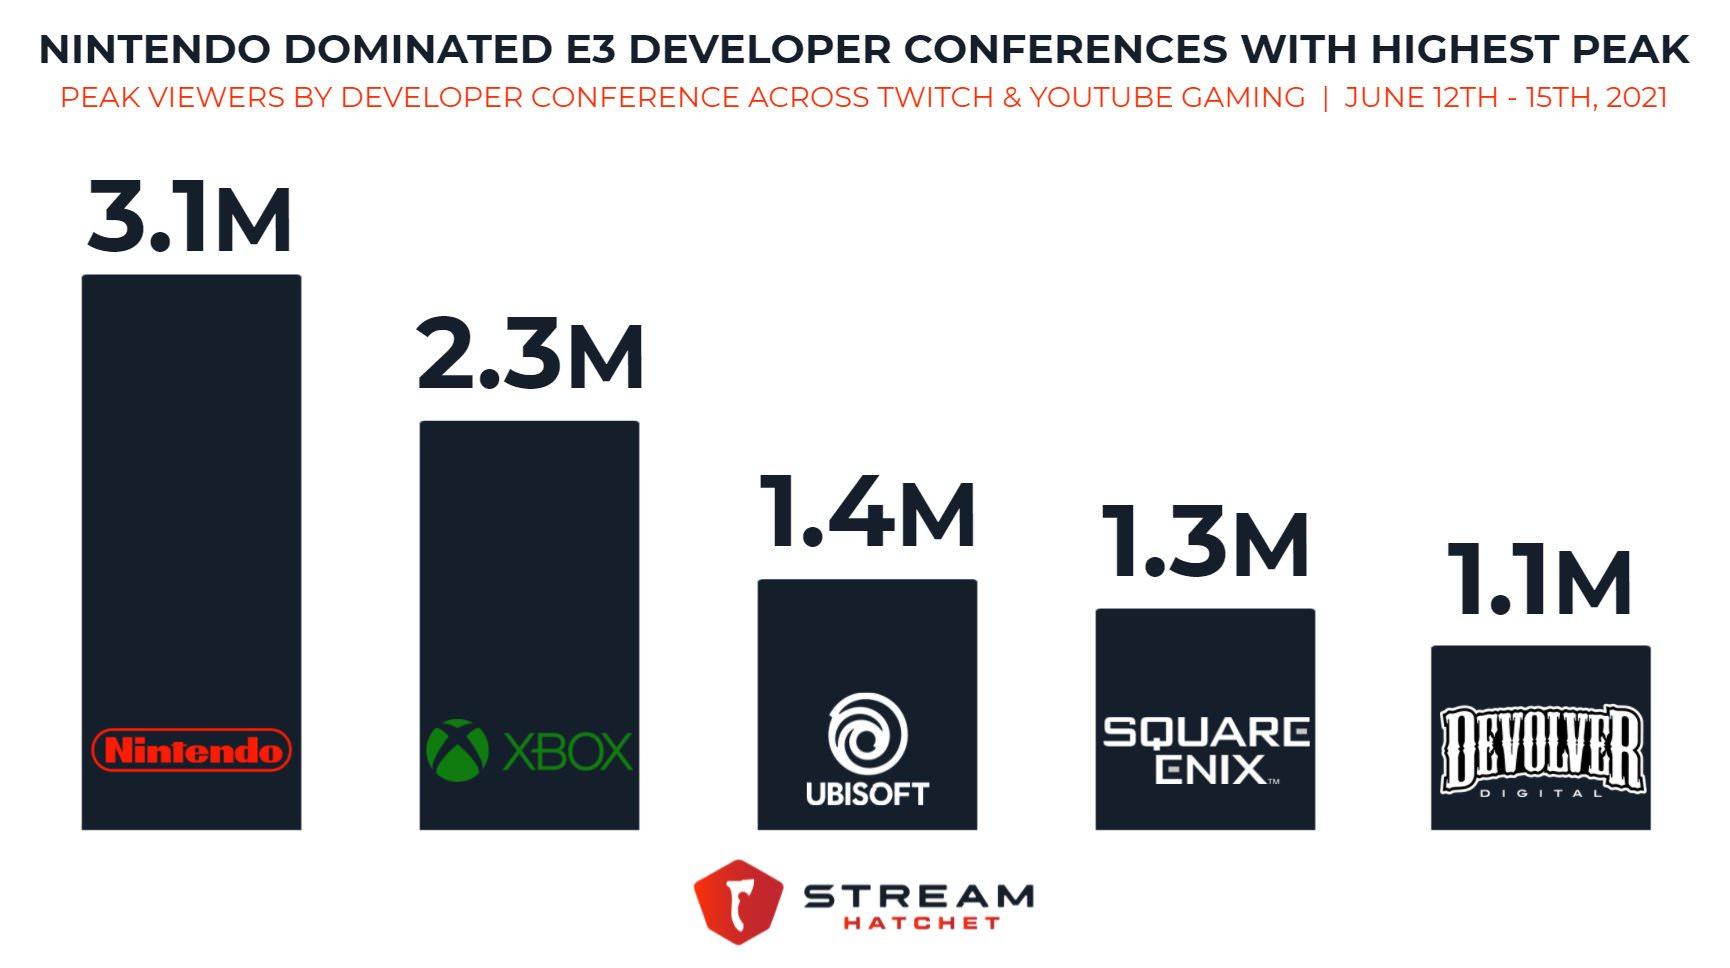 آمار بینندگان رویدادهای مختلف E3 2021